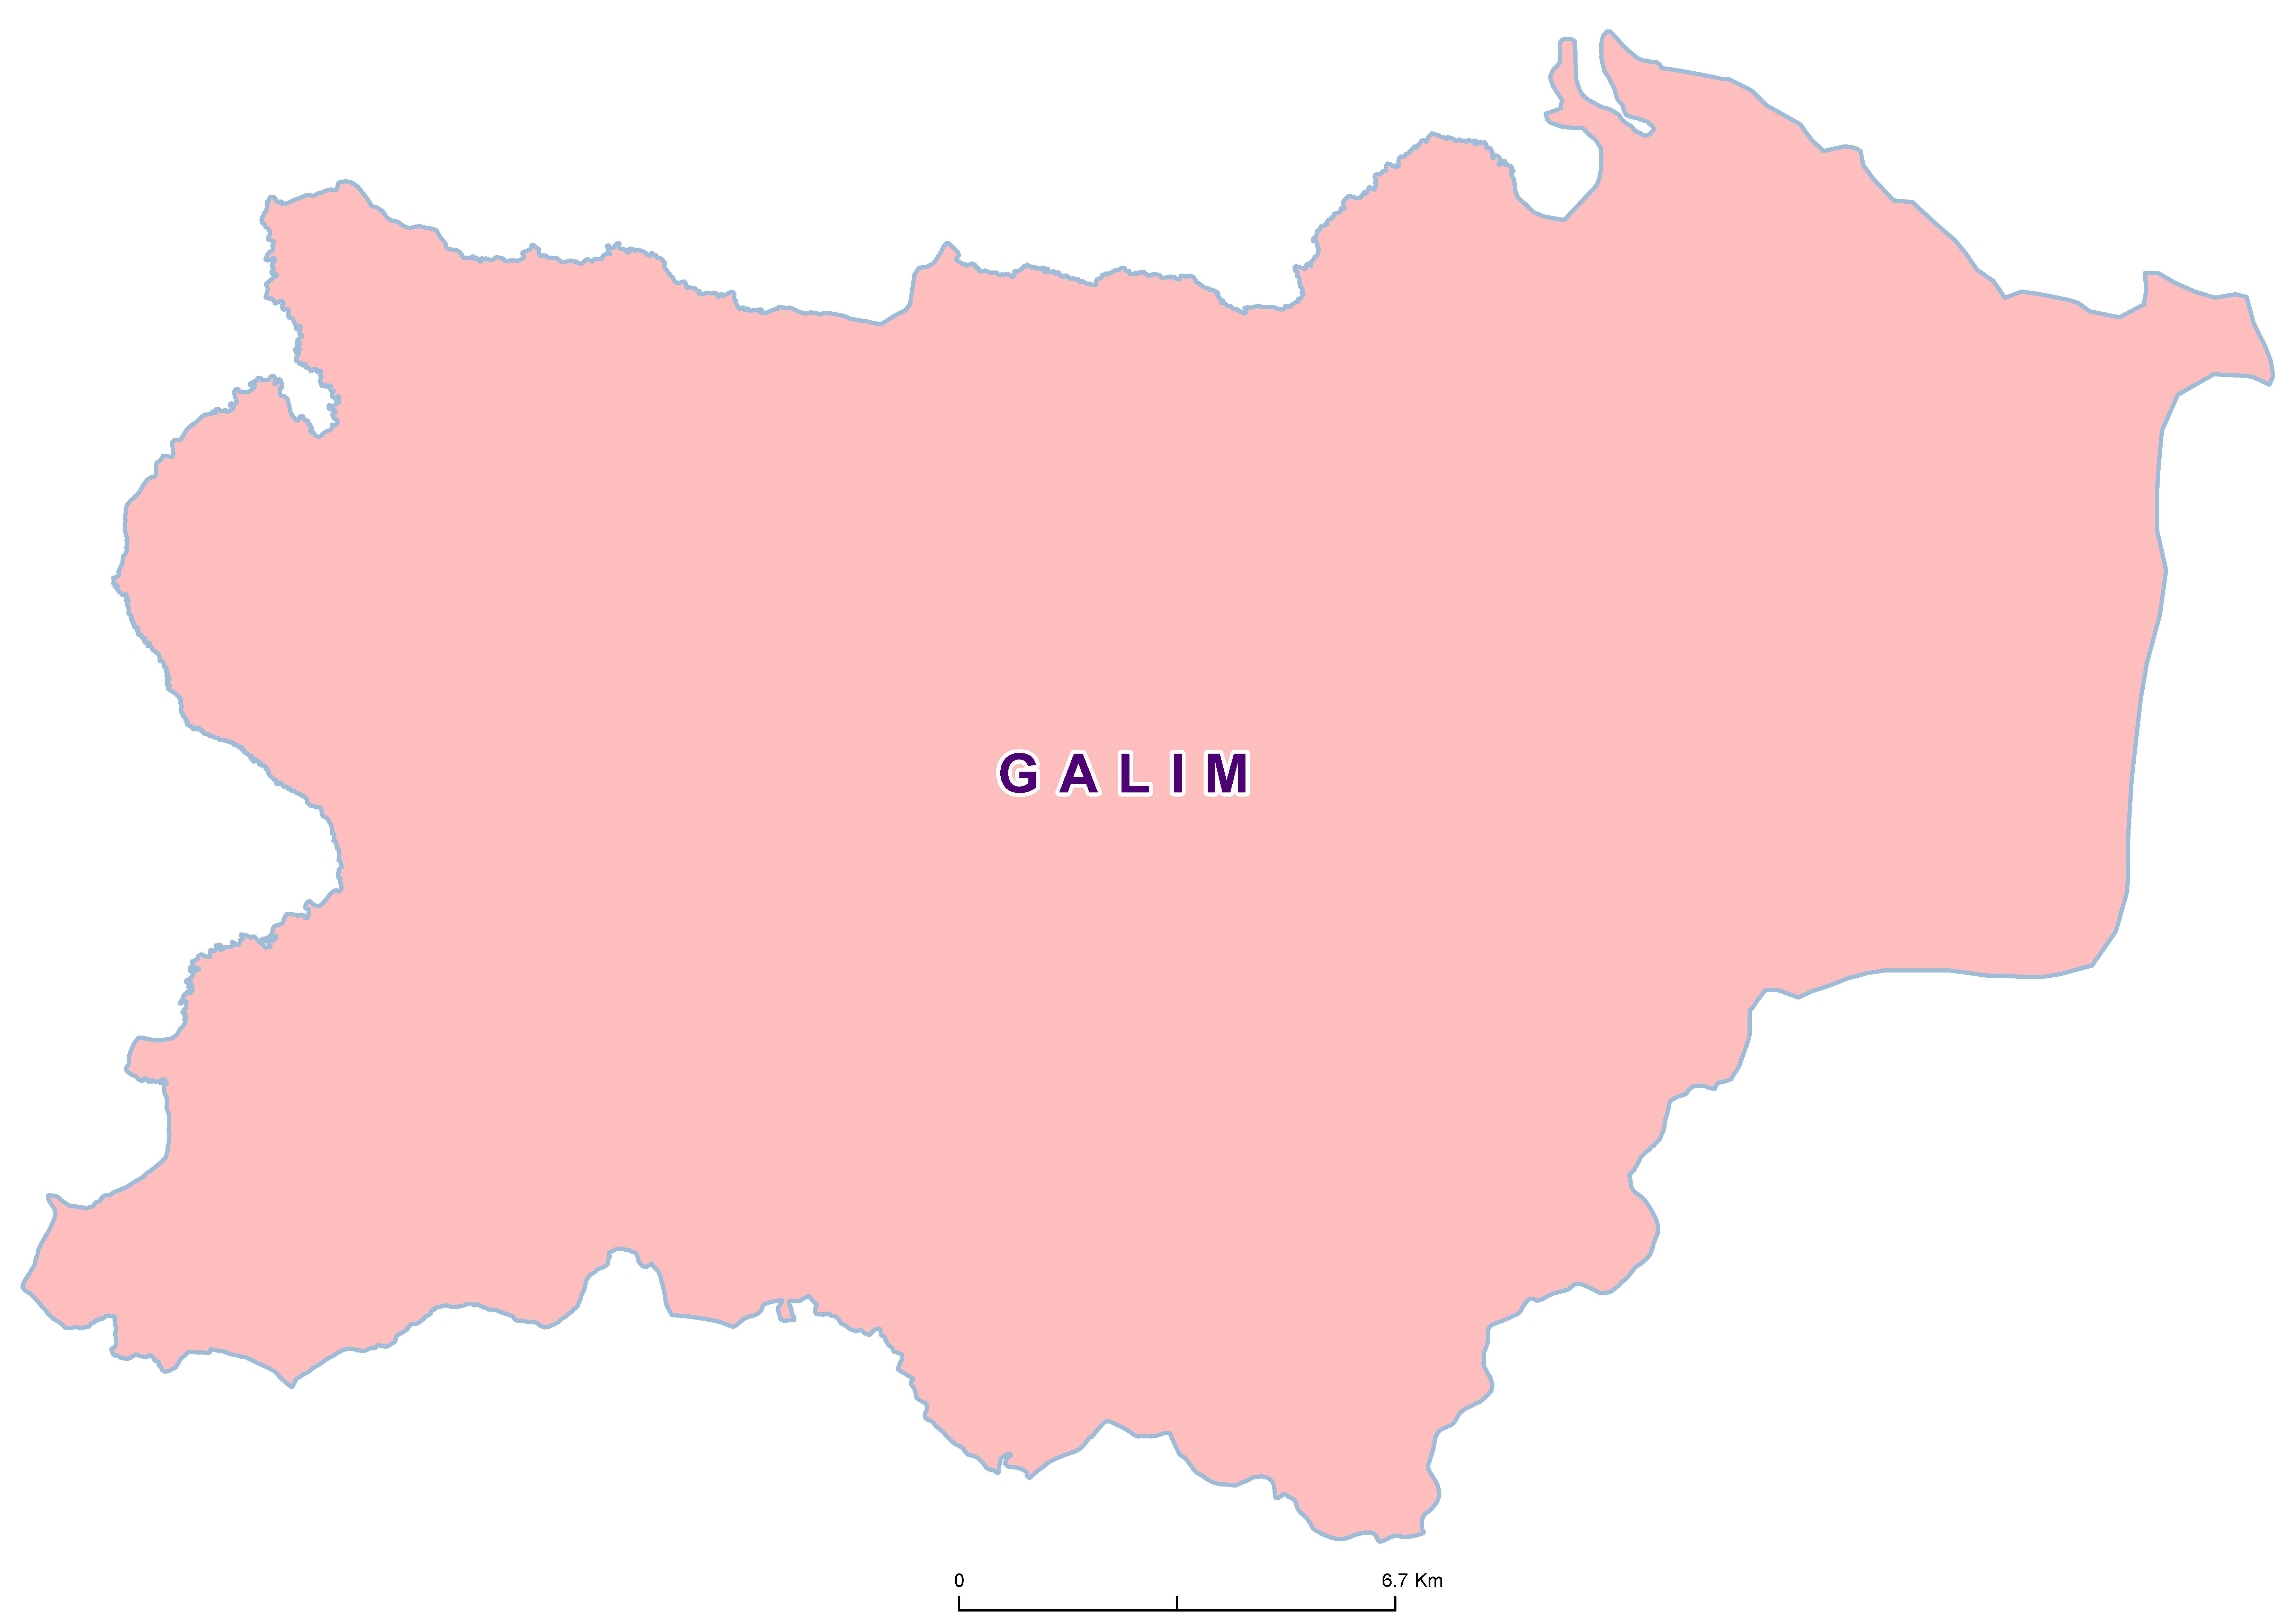 Galim Mean SCH 19850001